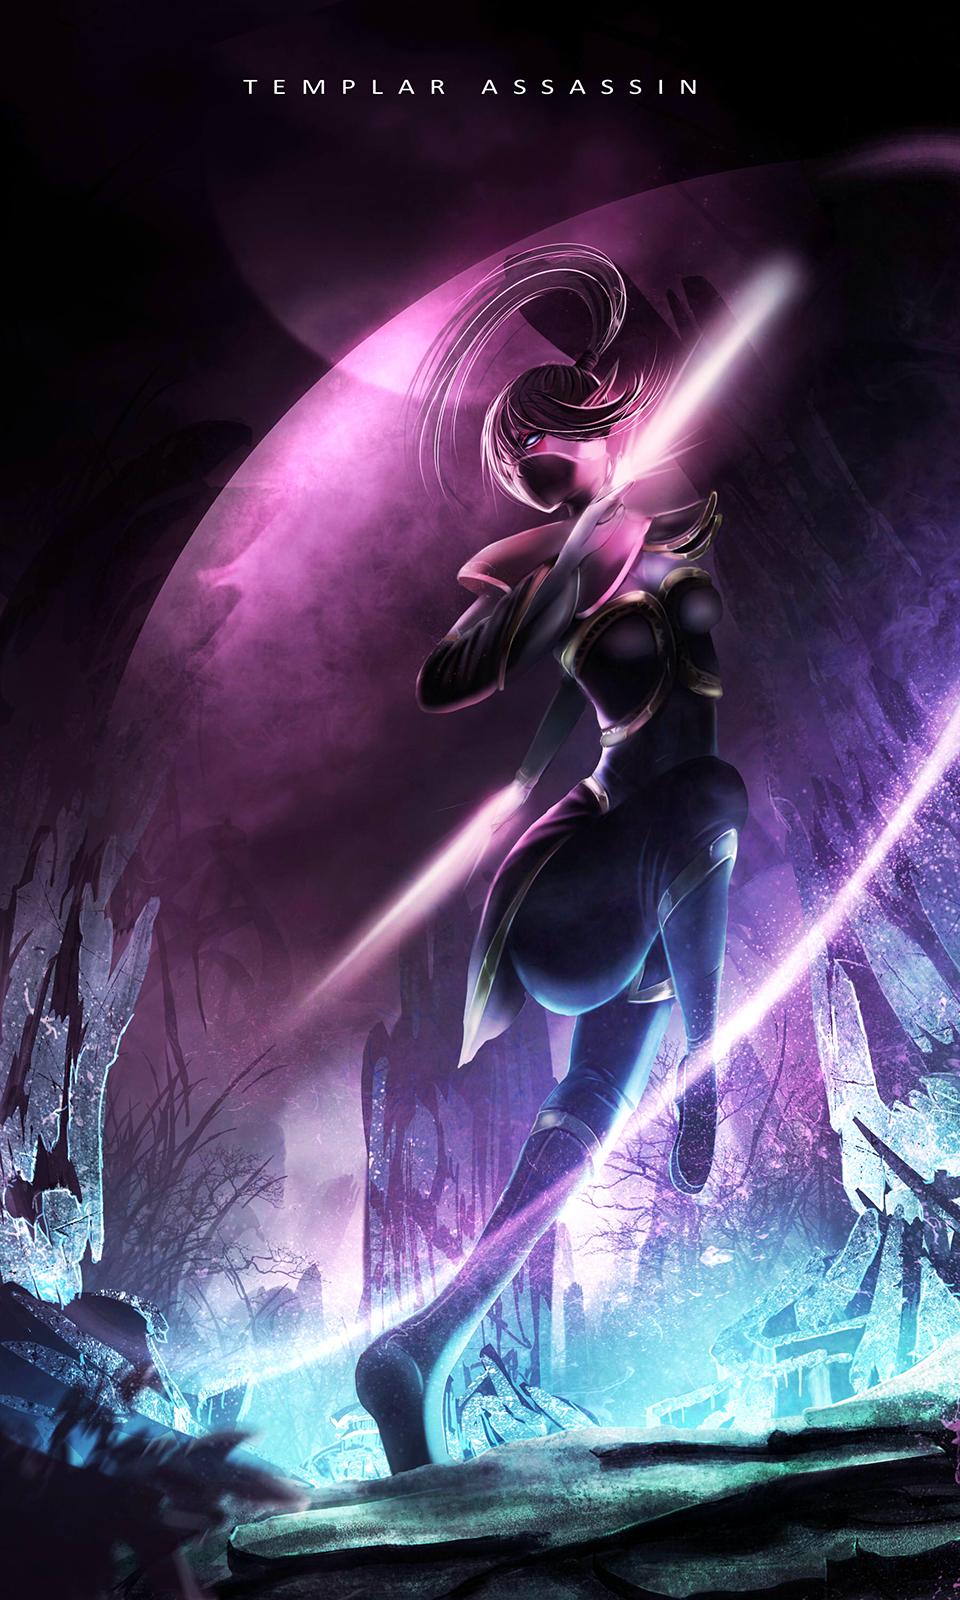 dota 2 templar assassin by bilyscd on deviantart fantasy art